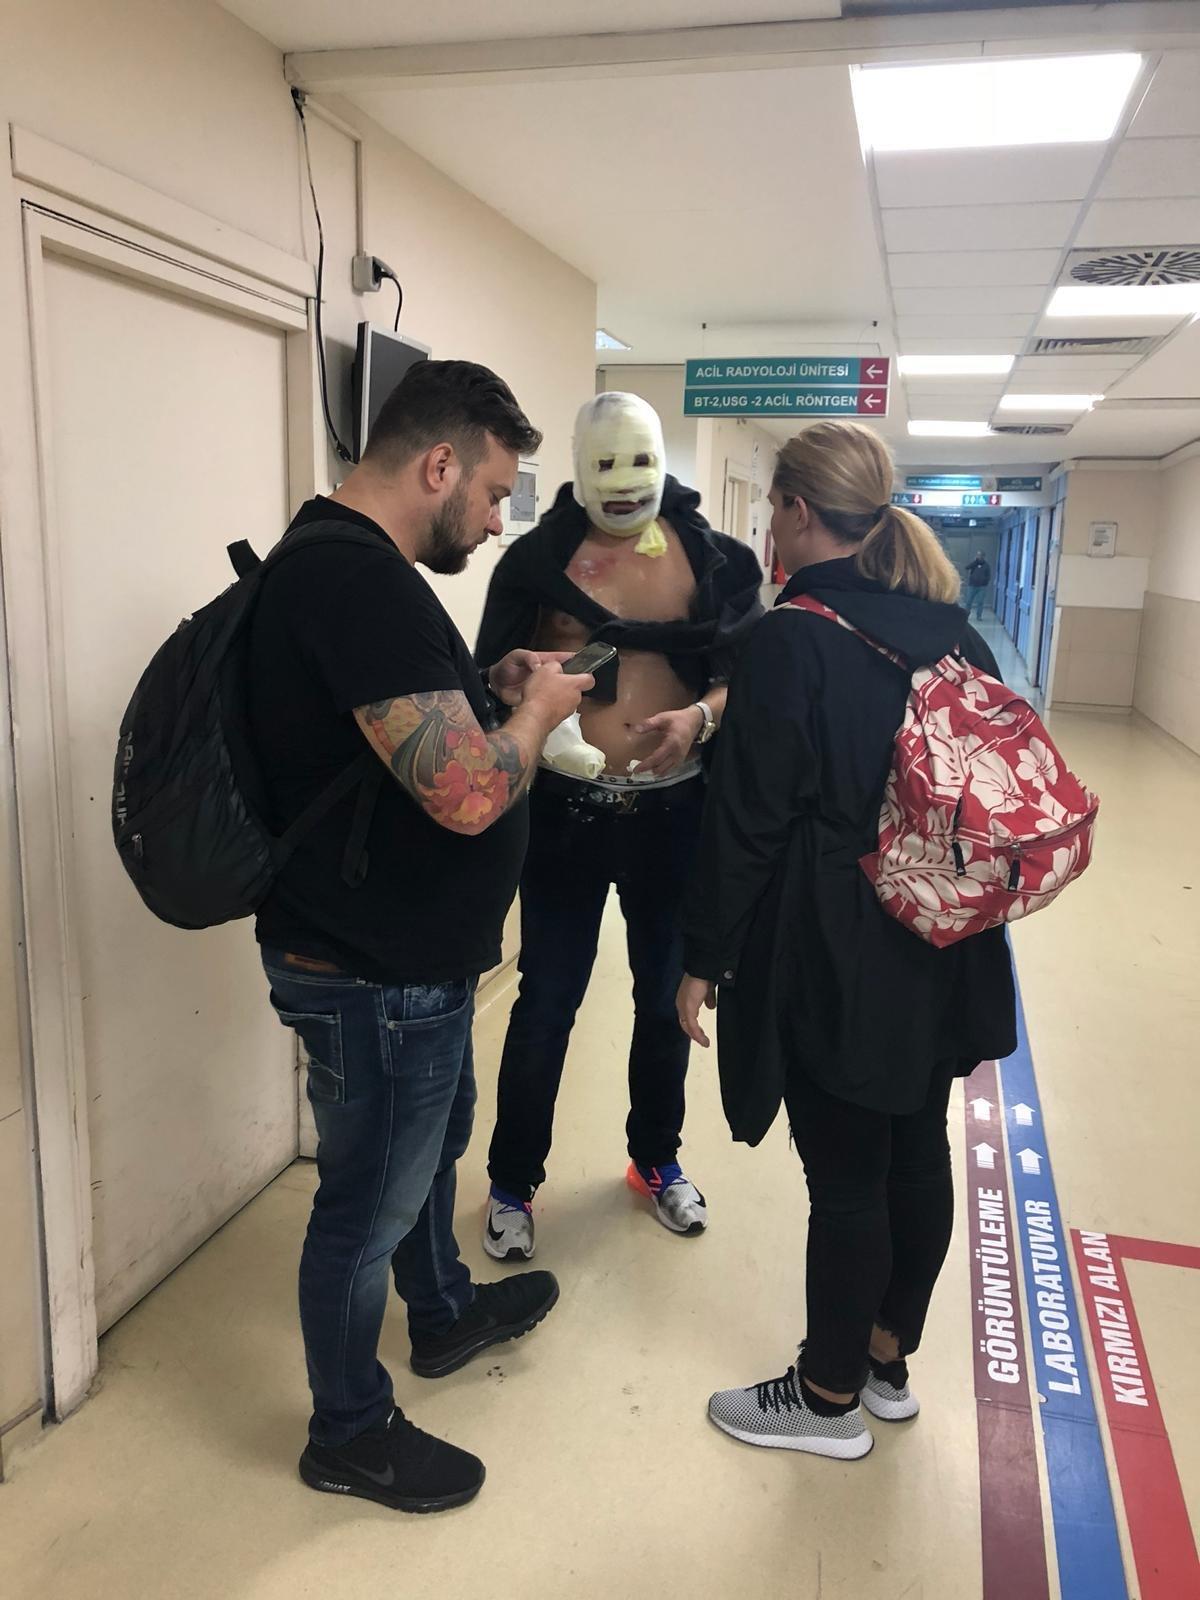 FOTO:DHA Olayda 4 turist yaralanmıştı.